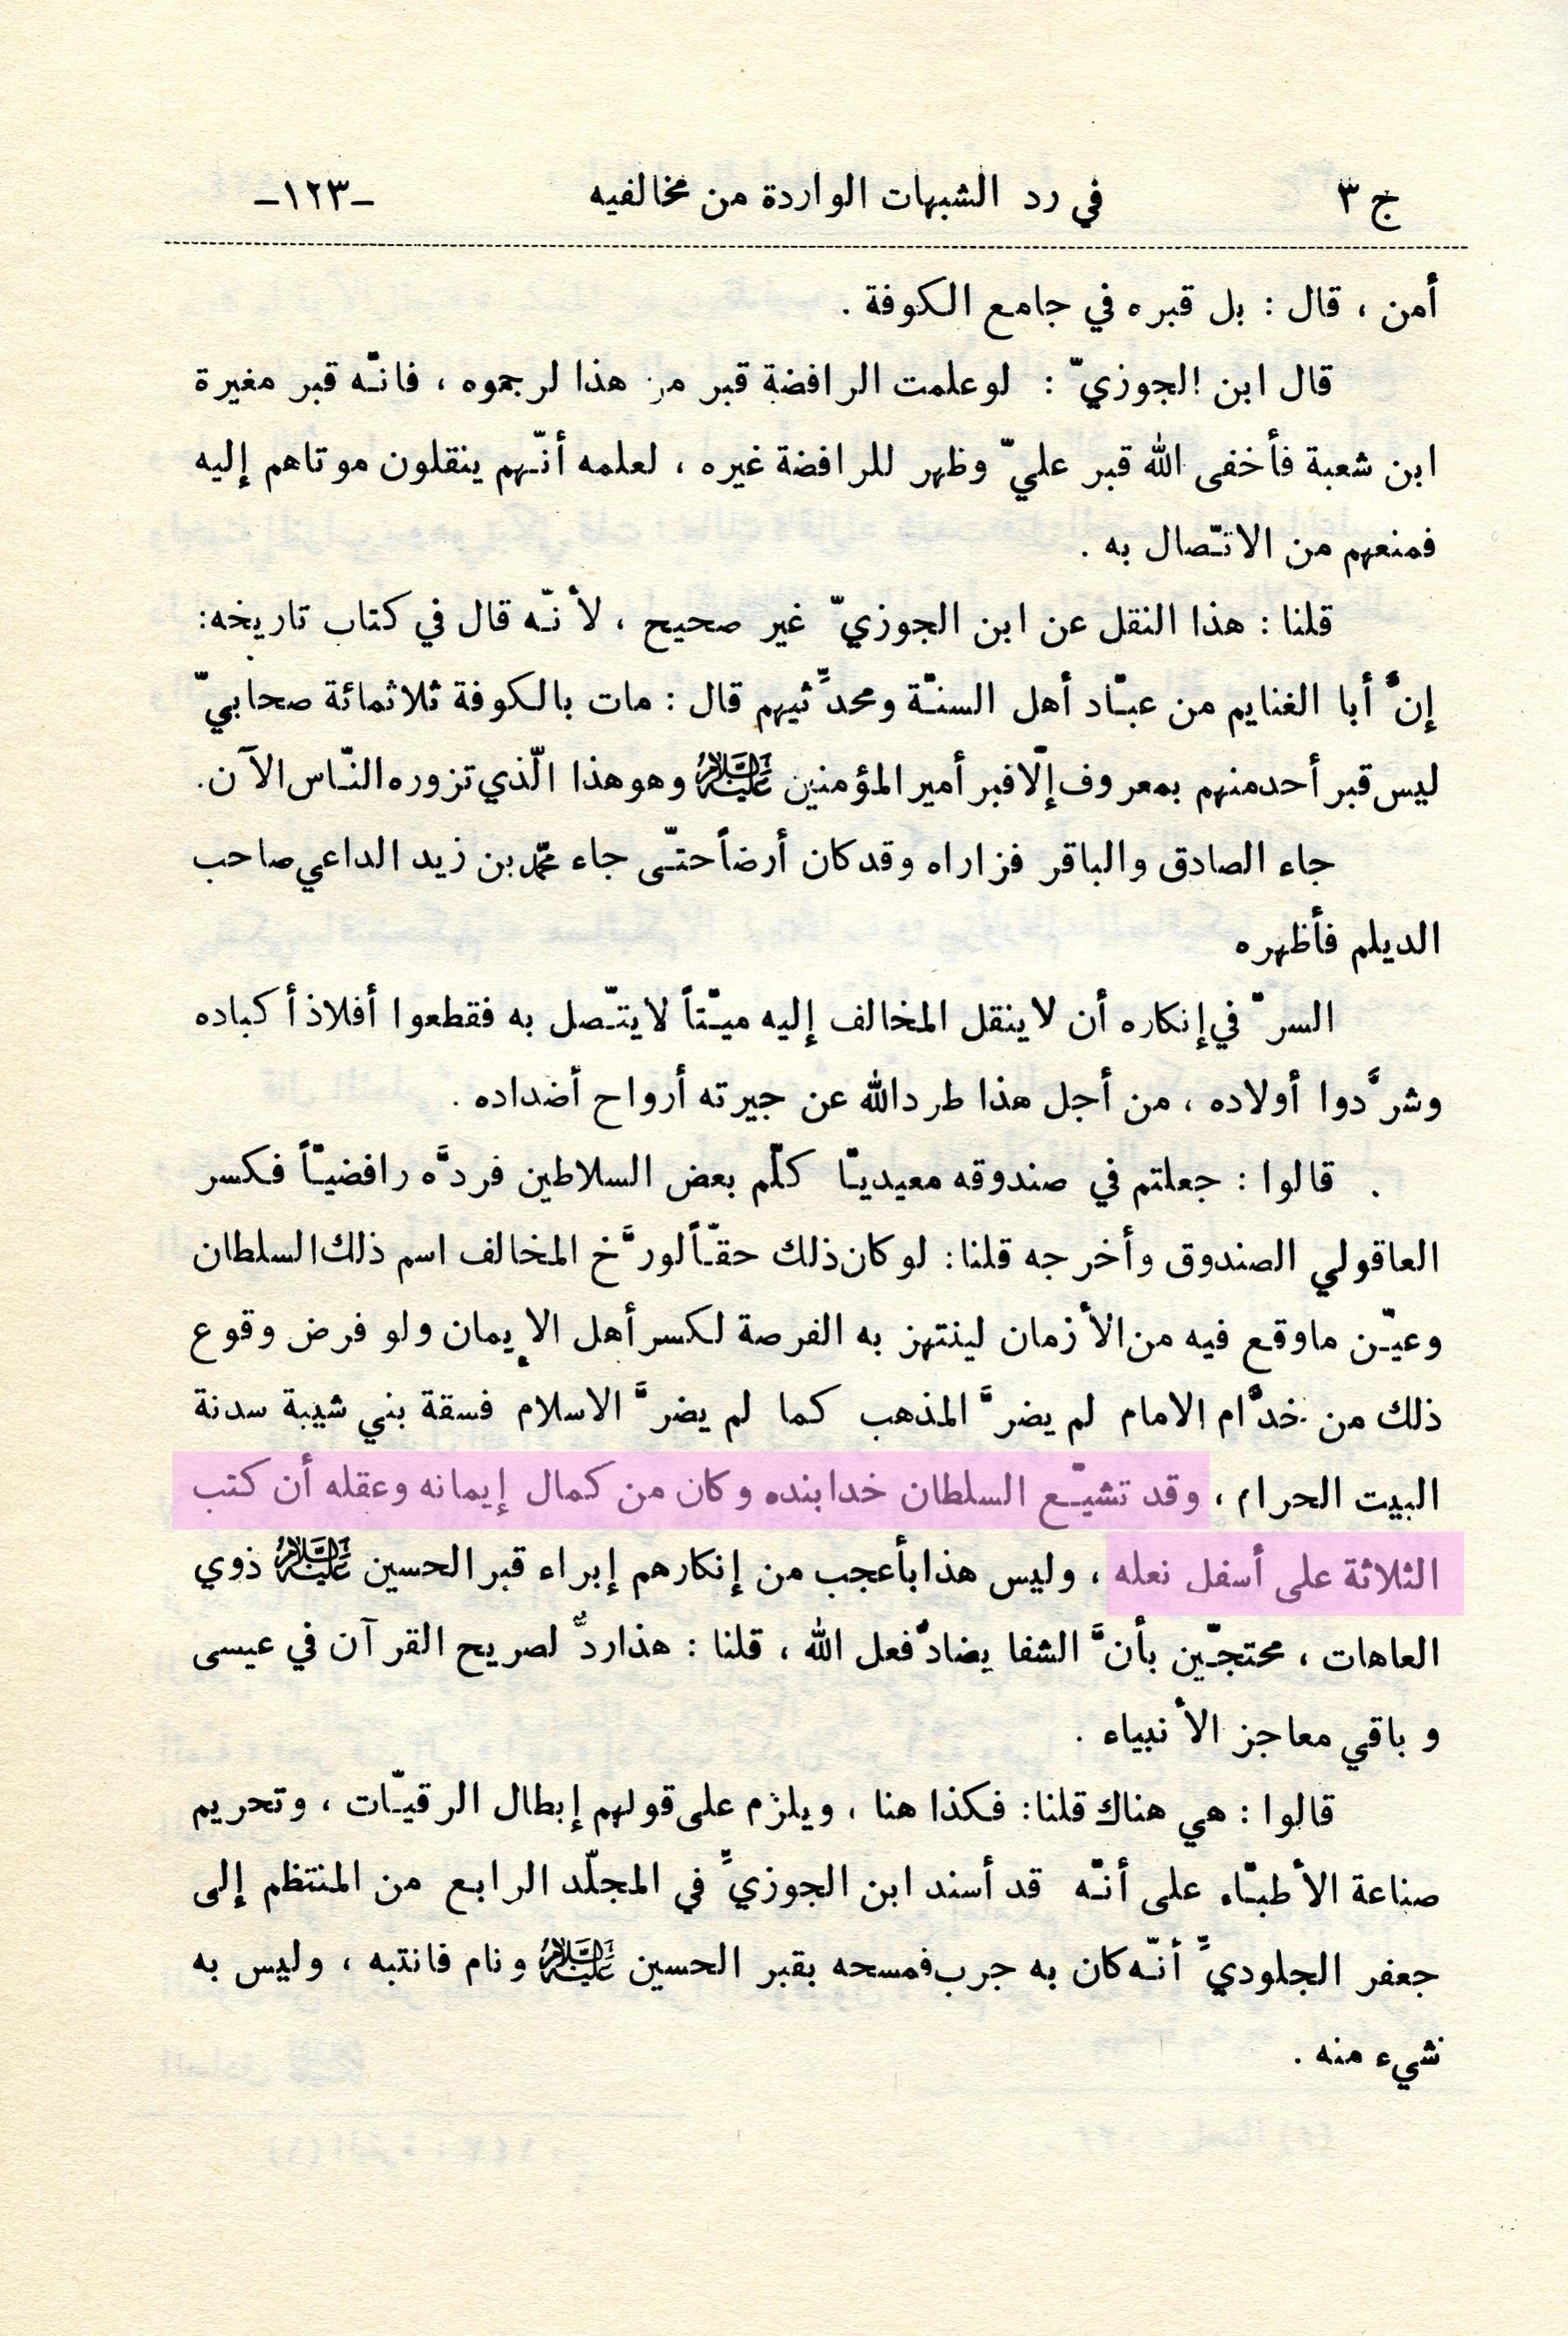 سبُّ الخلفاء الراشدين والنيل منهم